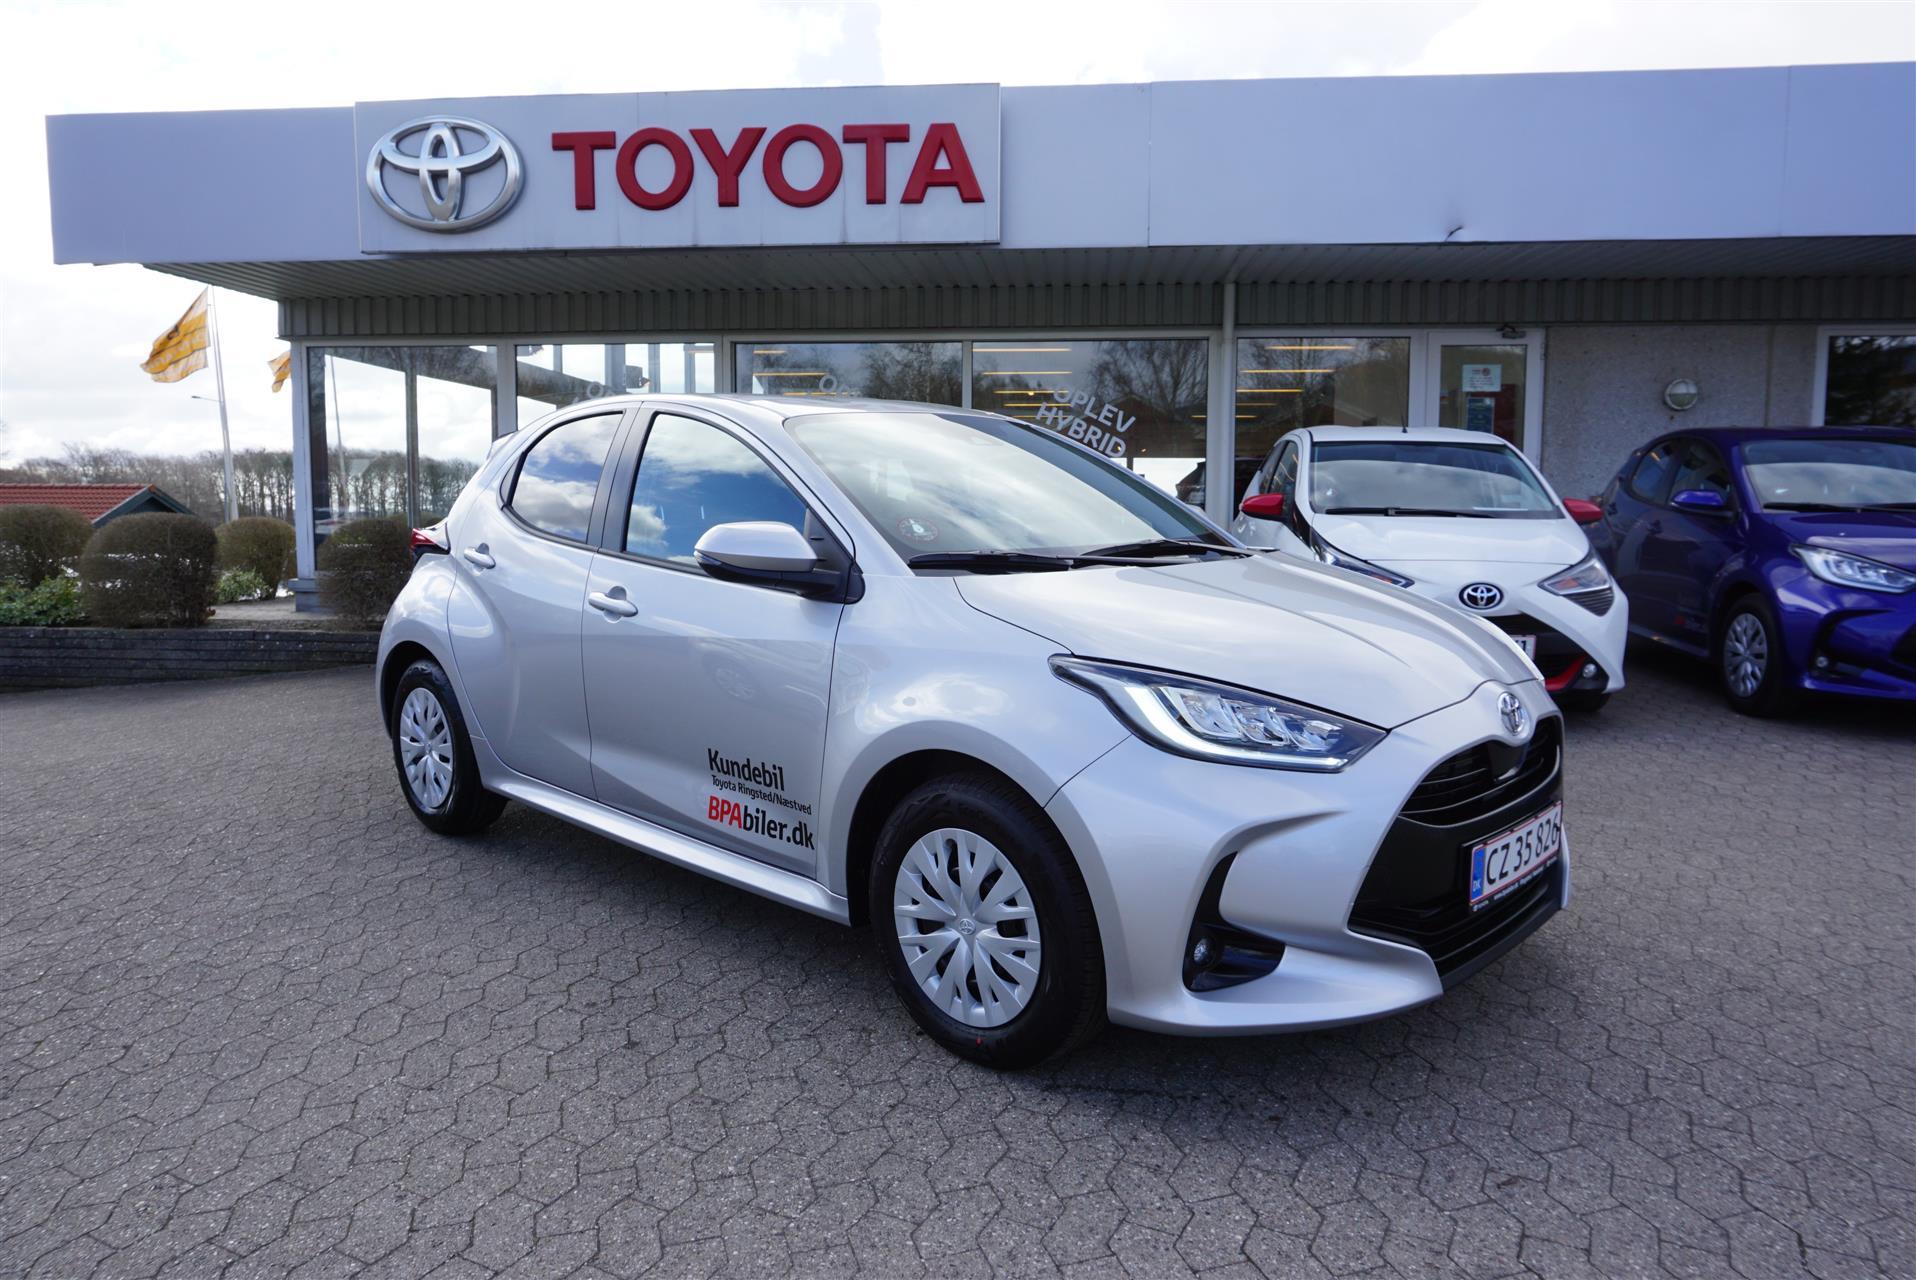 Billede af Toyota Yaris 1,5 VVT-I T3 Vision 125HK 5d 6g